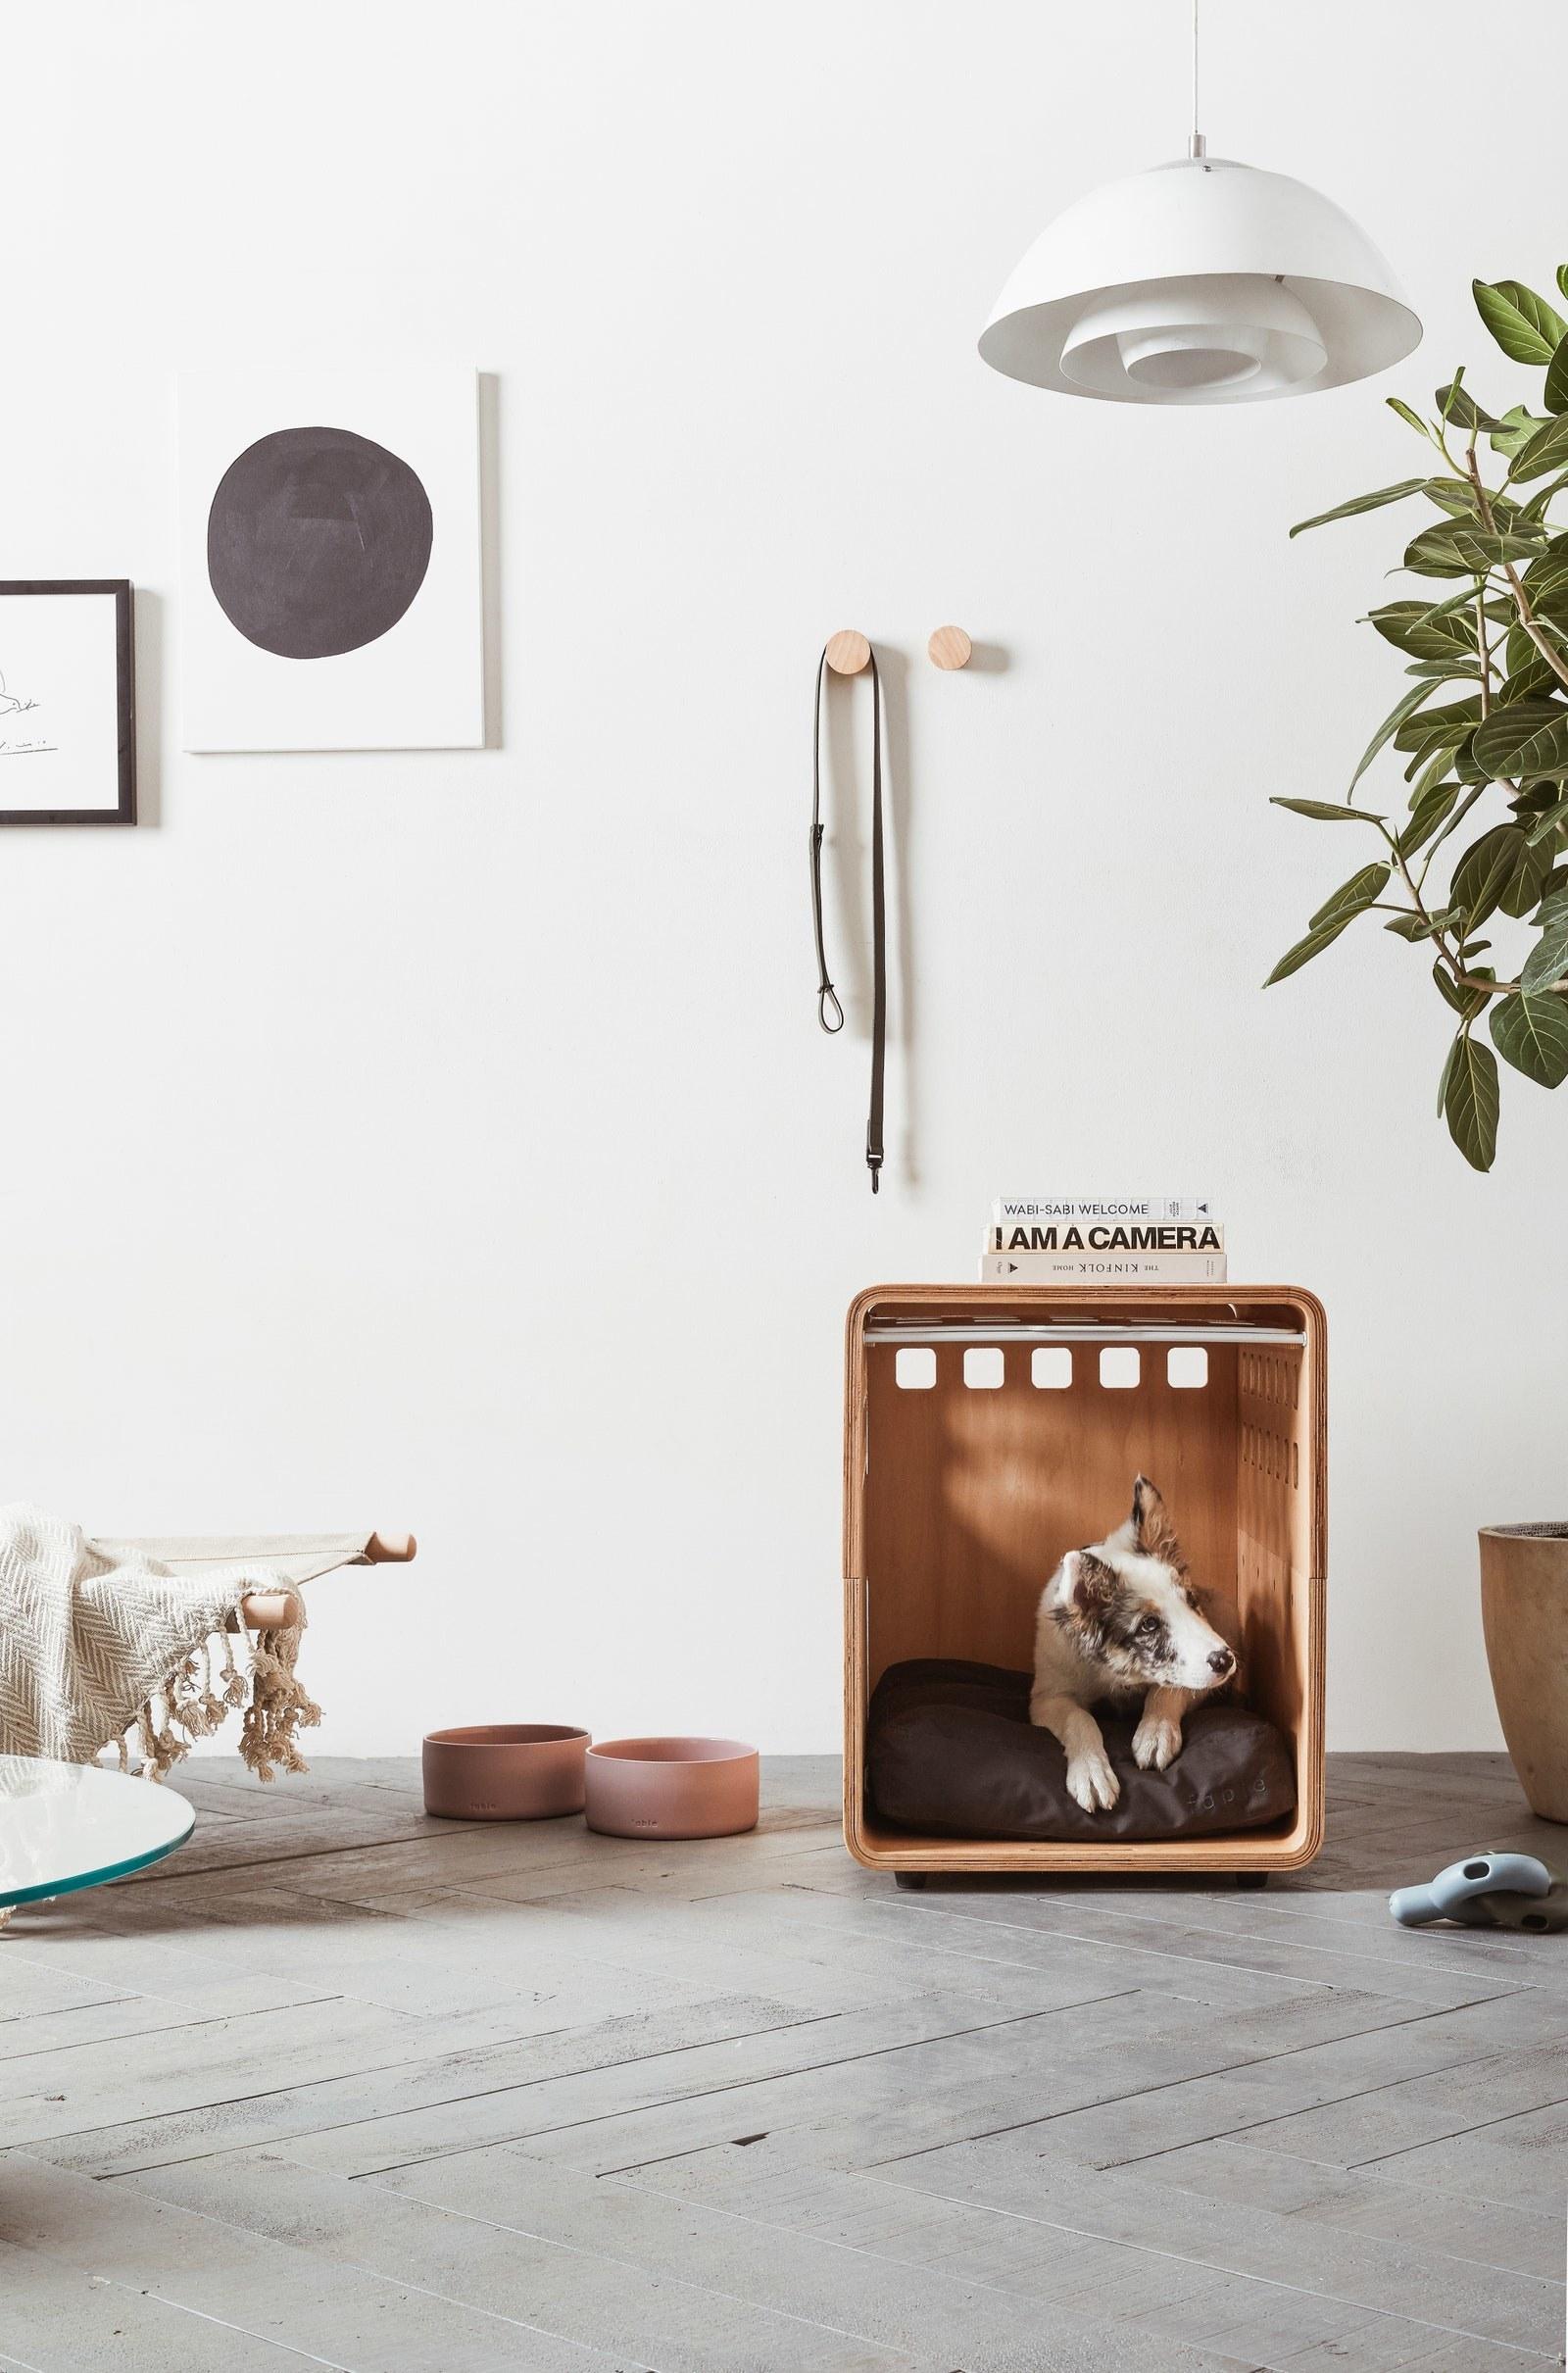 Dog enjoying the crate